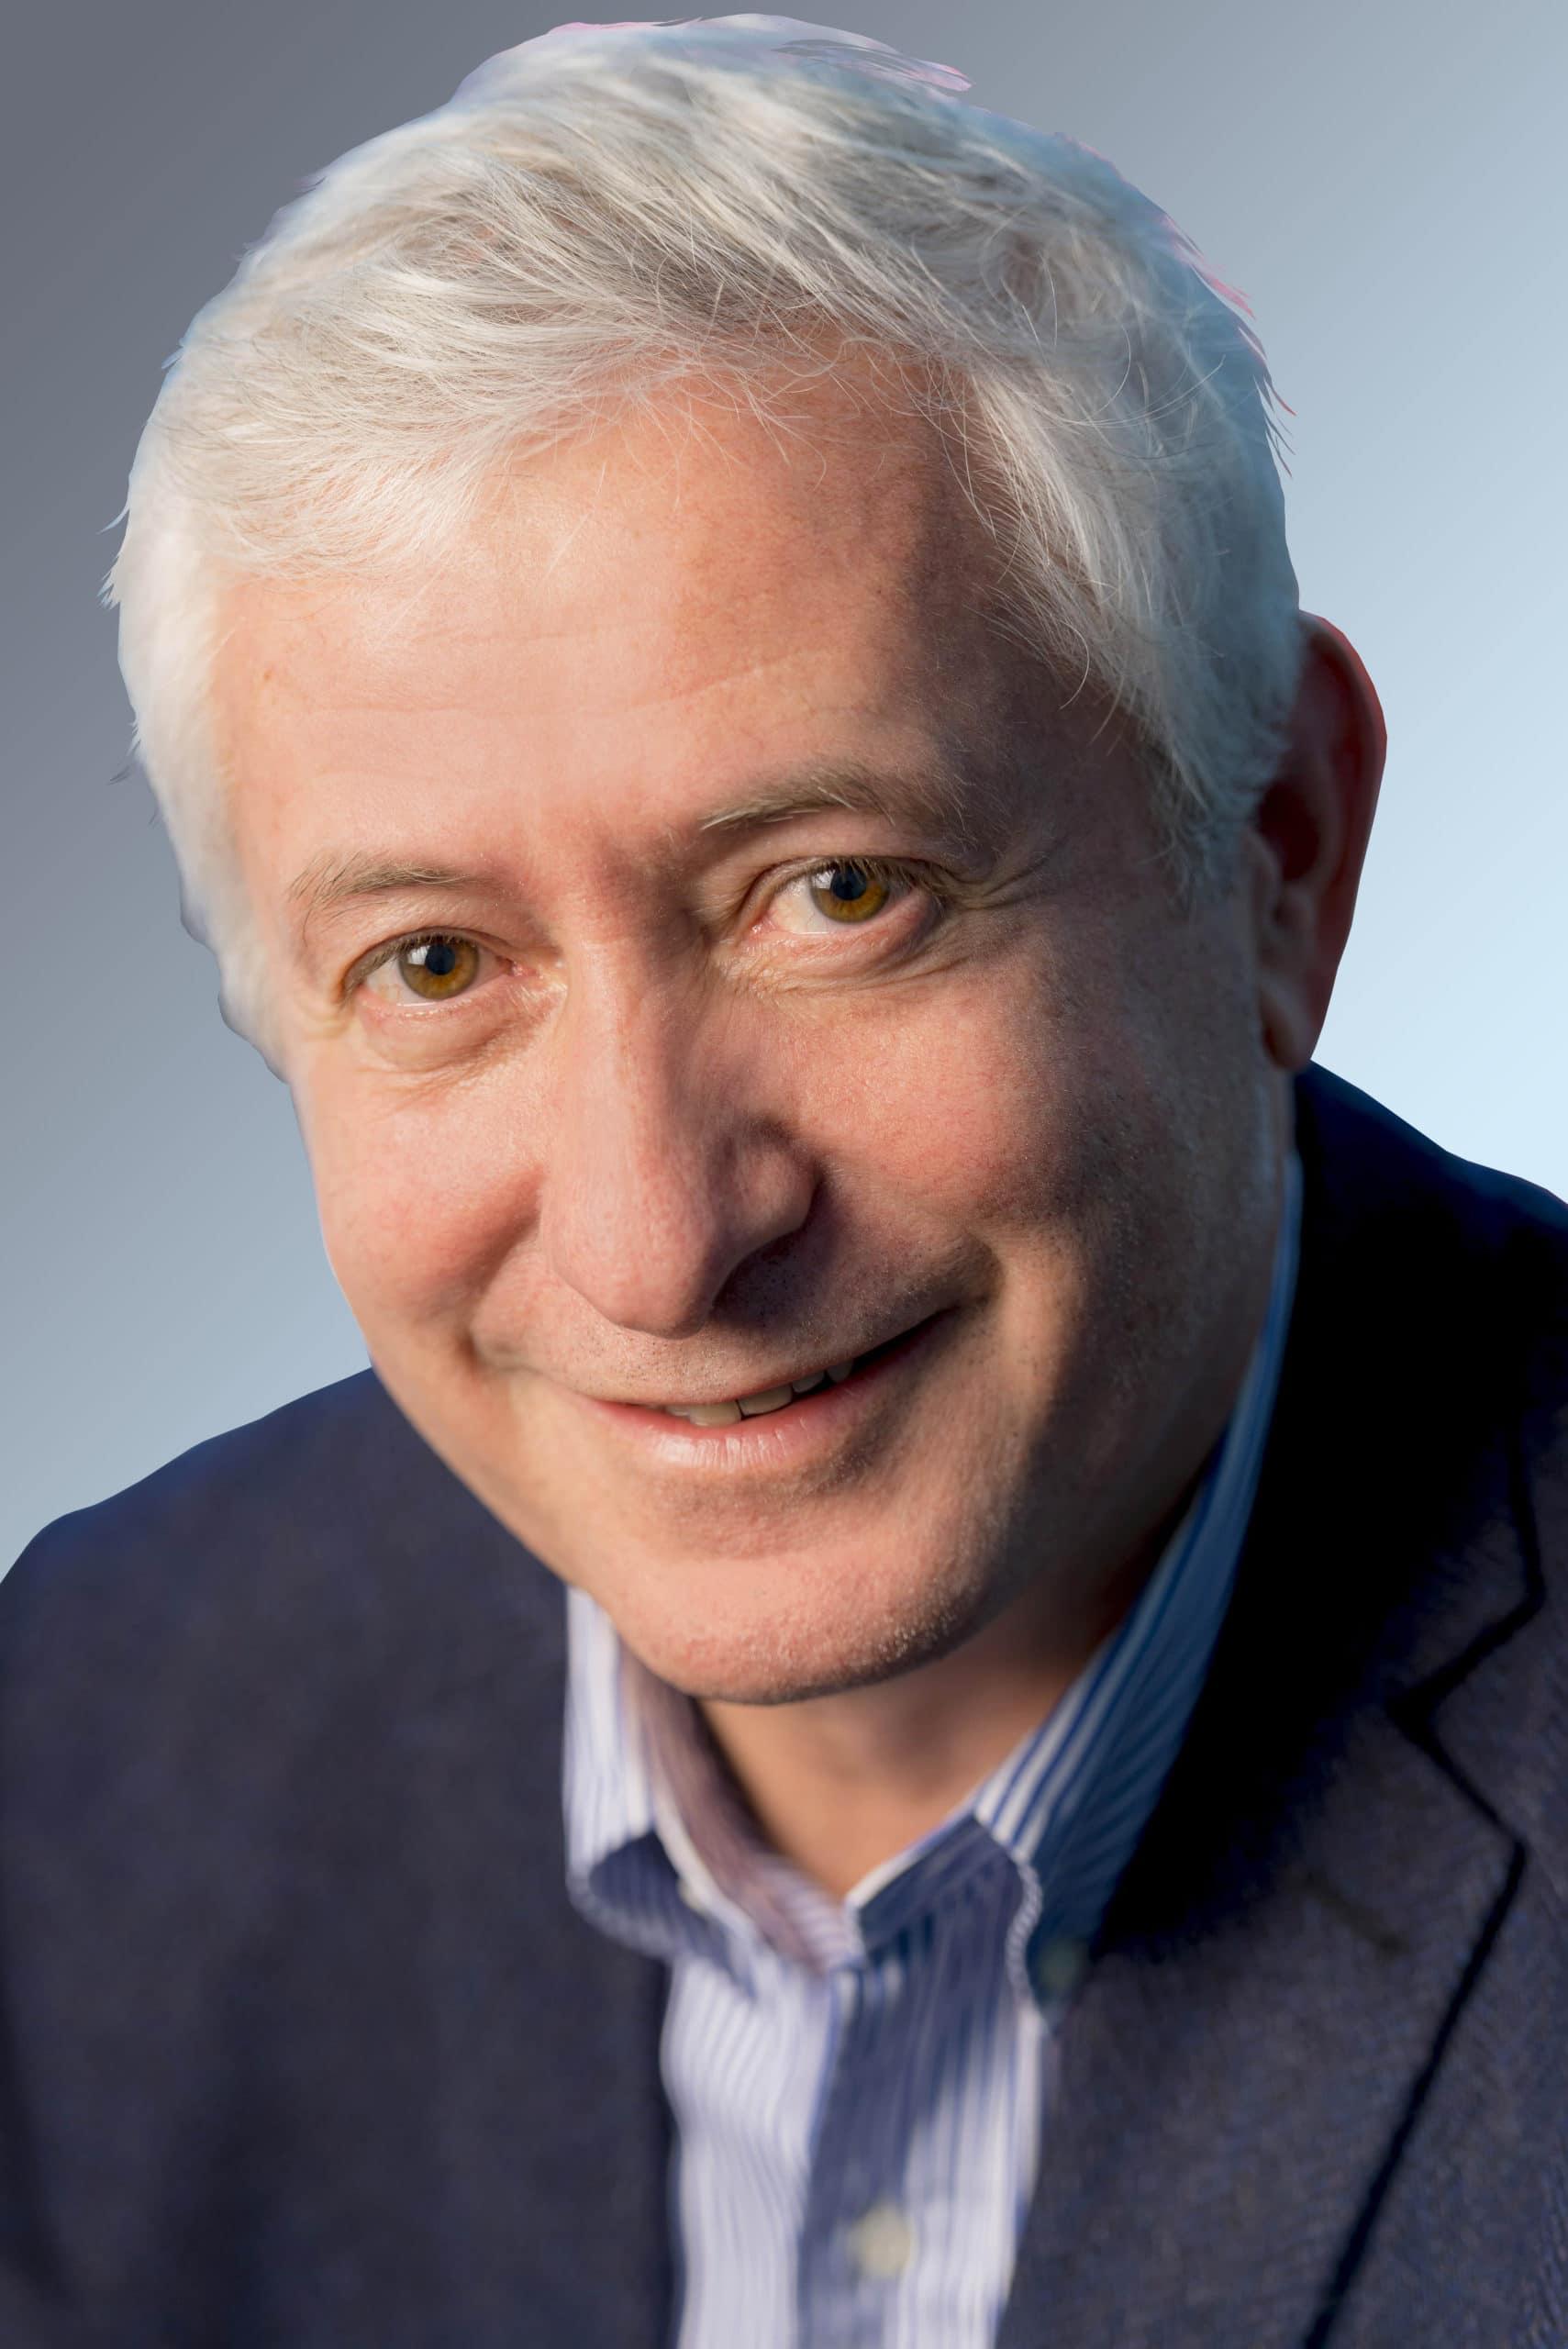 Georges Druon